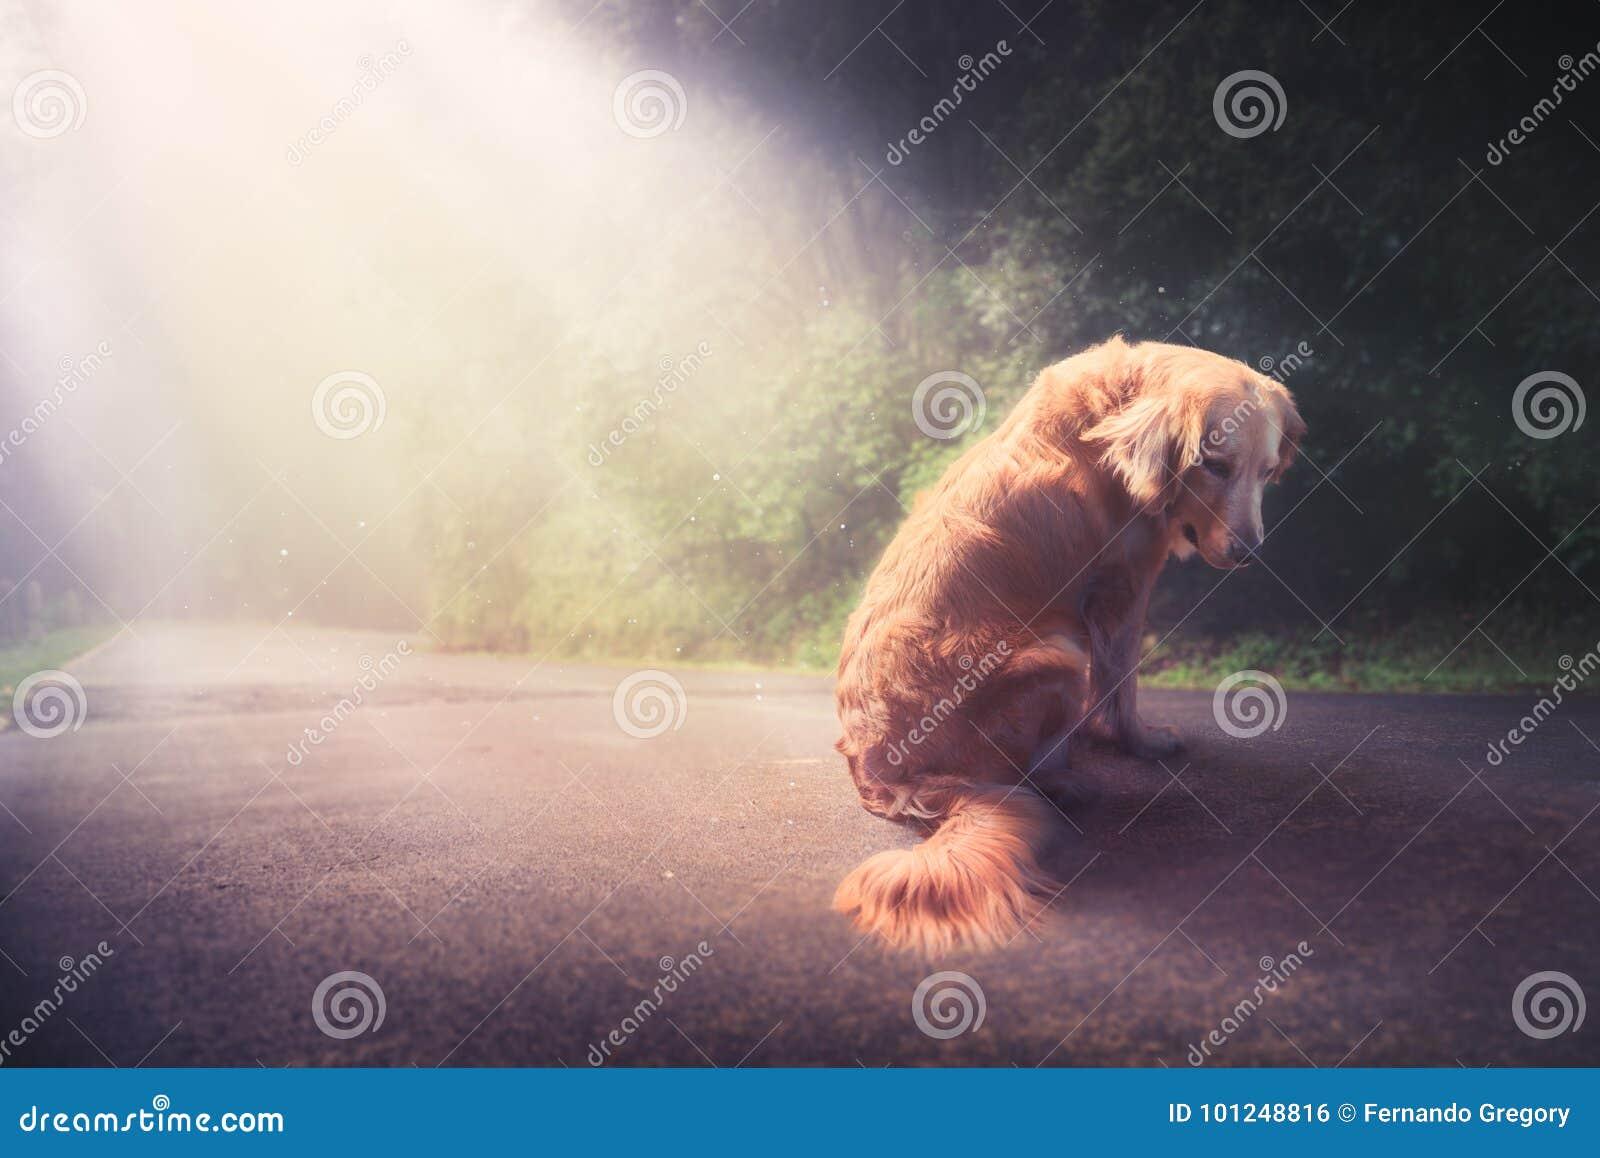 Λυπημένο, εγκαταλειμμένο σκυλί στη μέση της αντίθεσης του οδικού /high imag